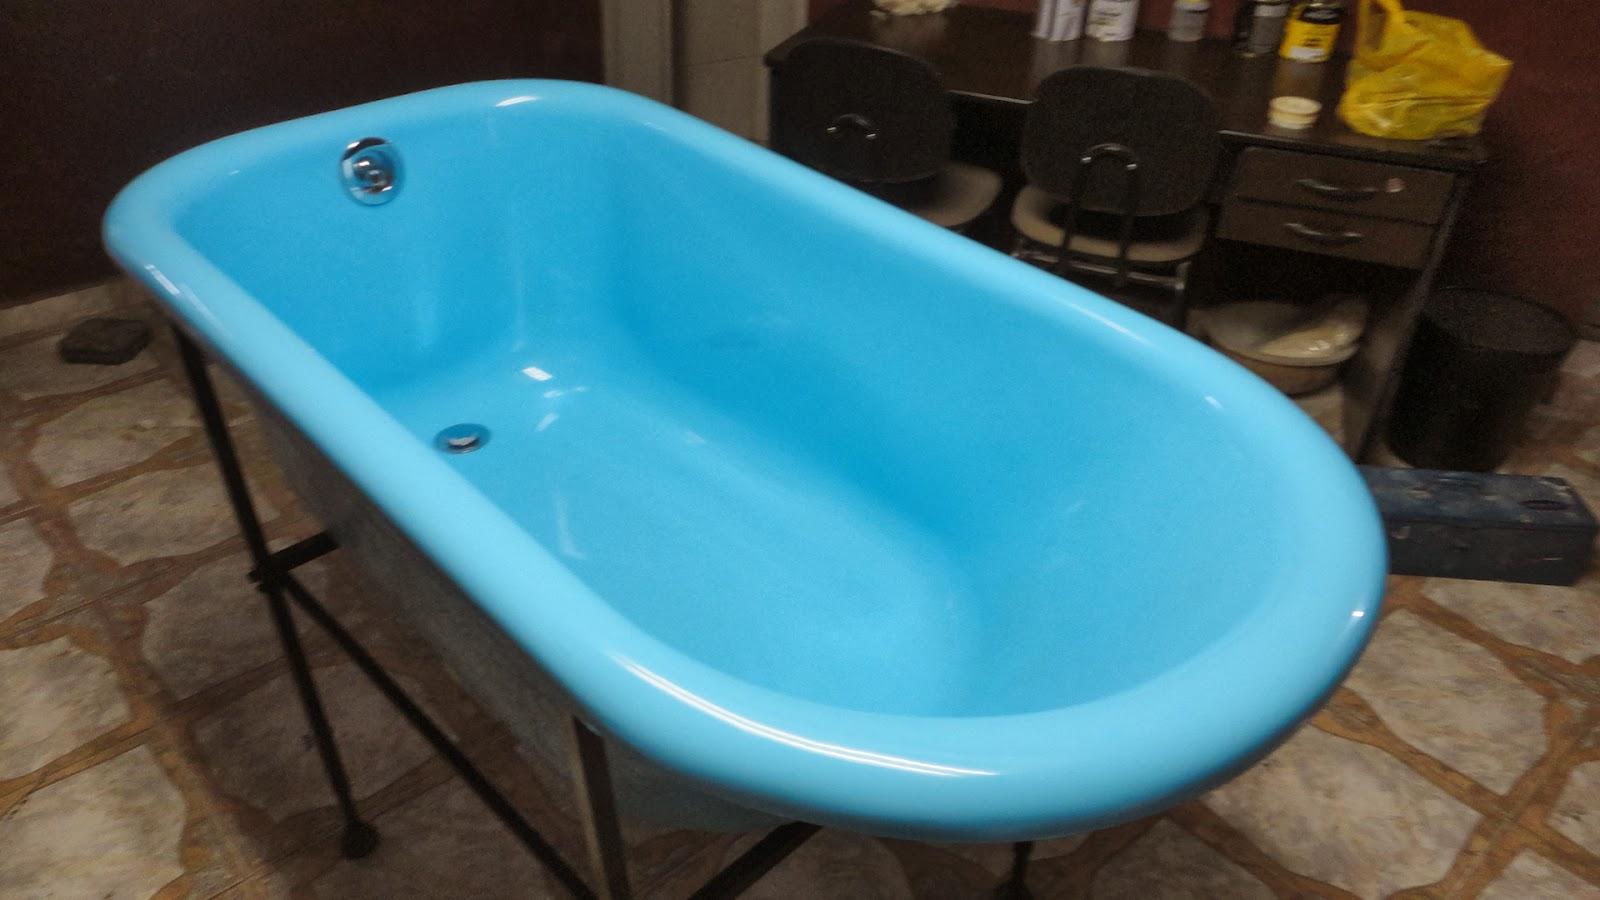 Cooper Fibra Comércio de Fibra ltda: Banheira pet shop modelo  #1E8AAD 1600x900 Banheiro De Fibra De Vidro